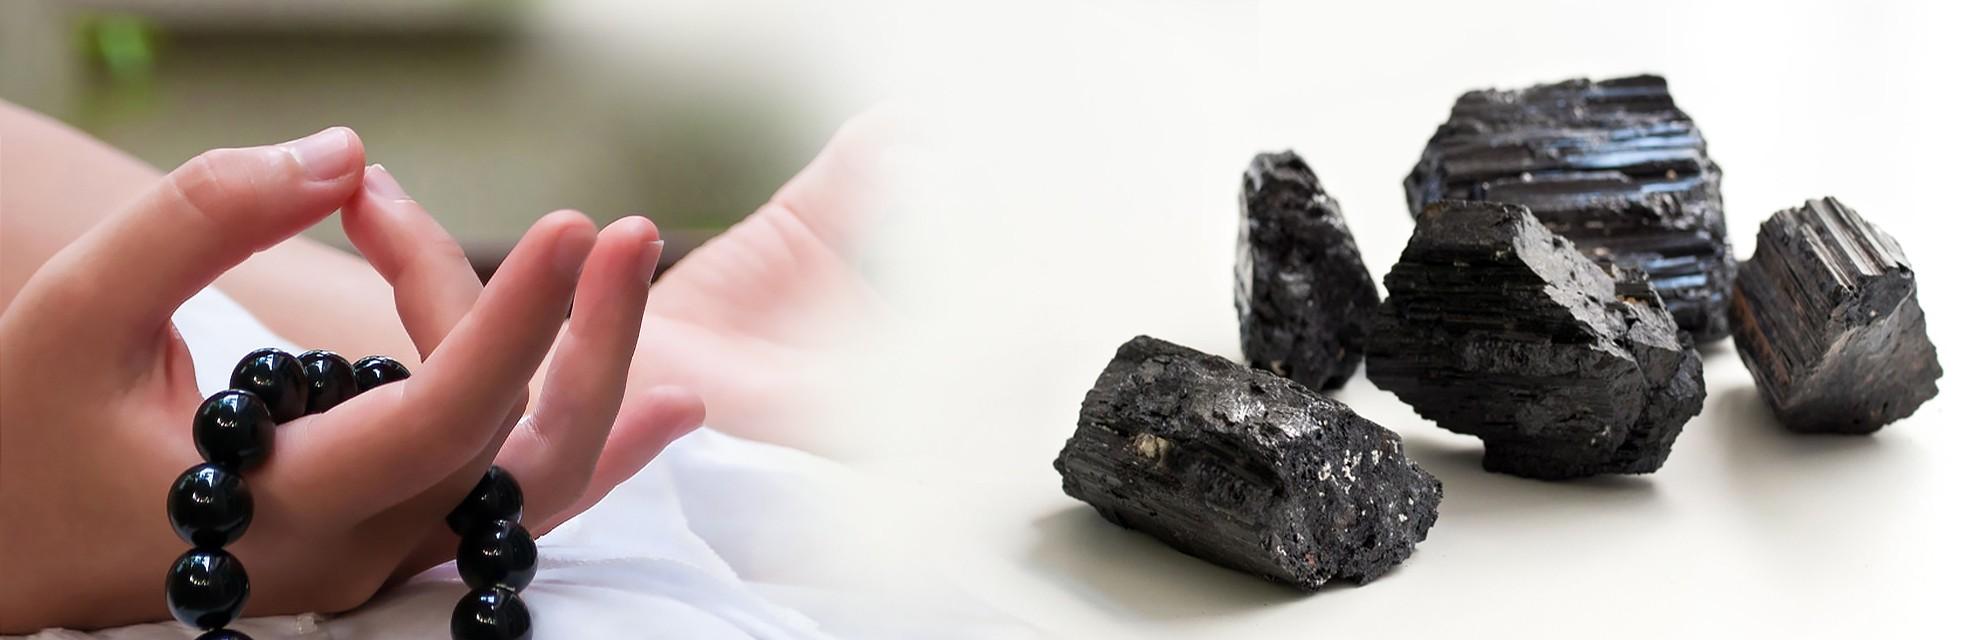 La tourmaline, pierre de protection